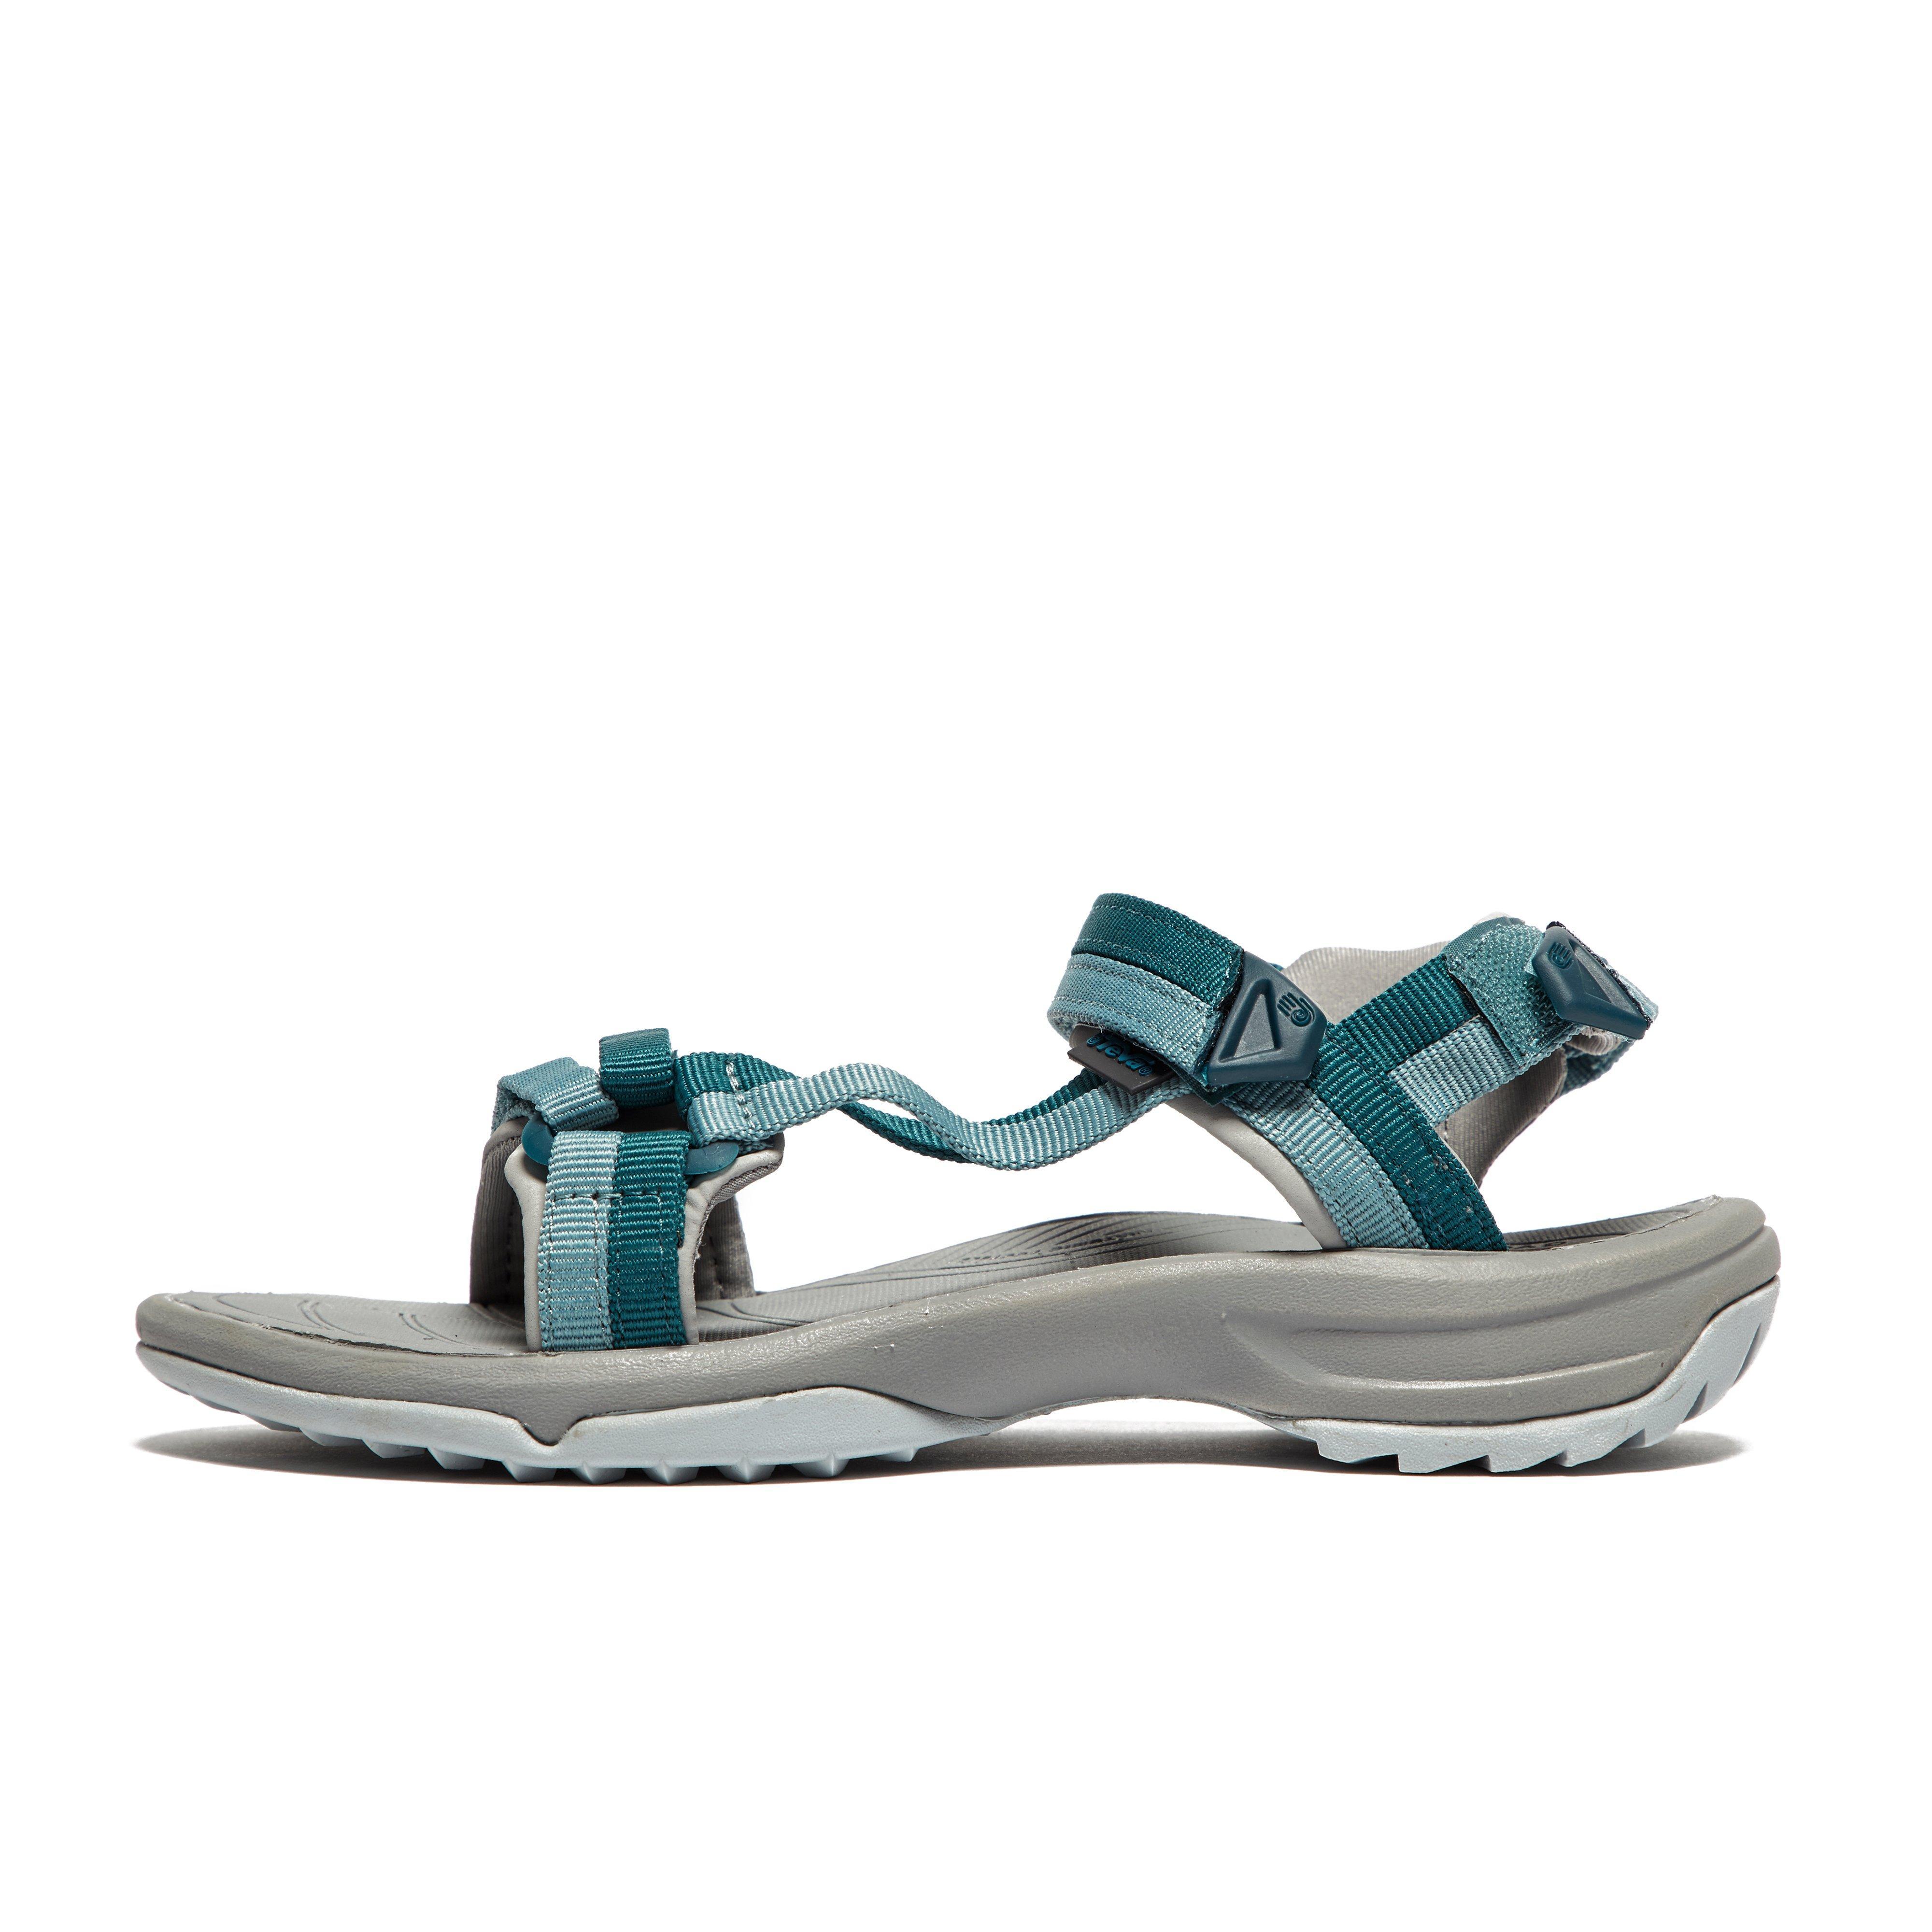 faf1ecda9162 Details about New Teva Terra Fi Lite Women s Walking Outdoor Footwear  Sandals Green